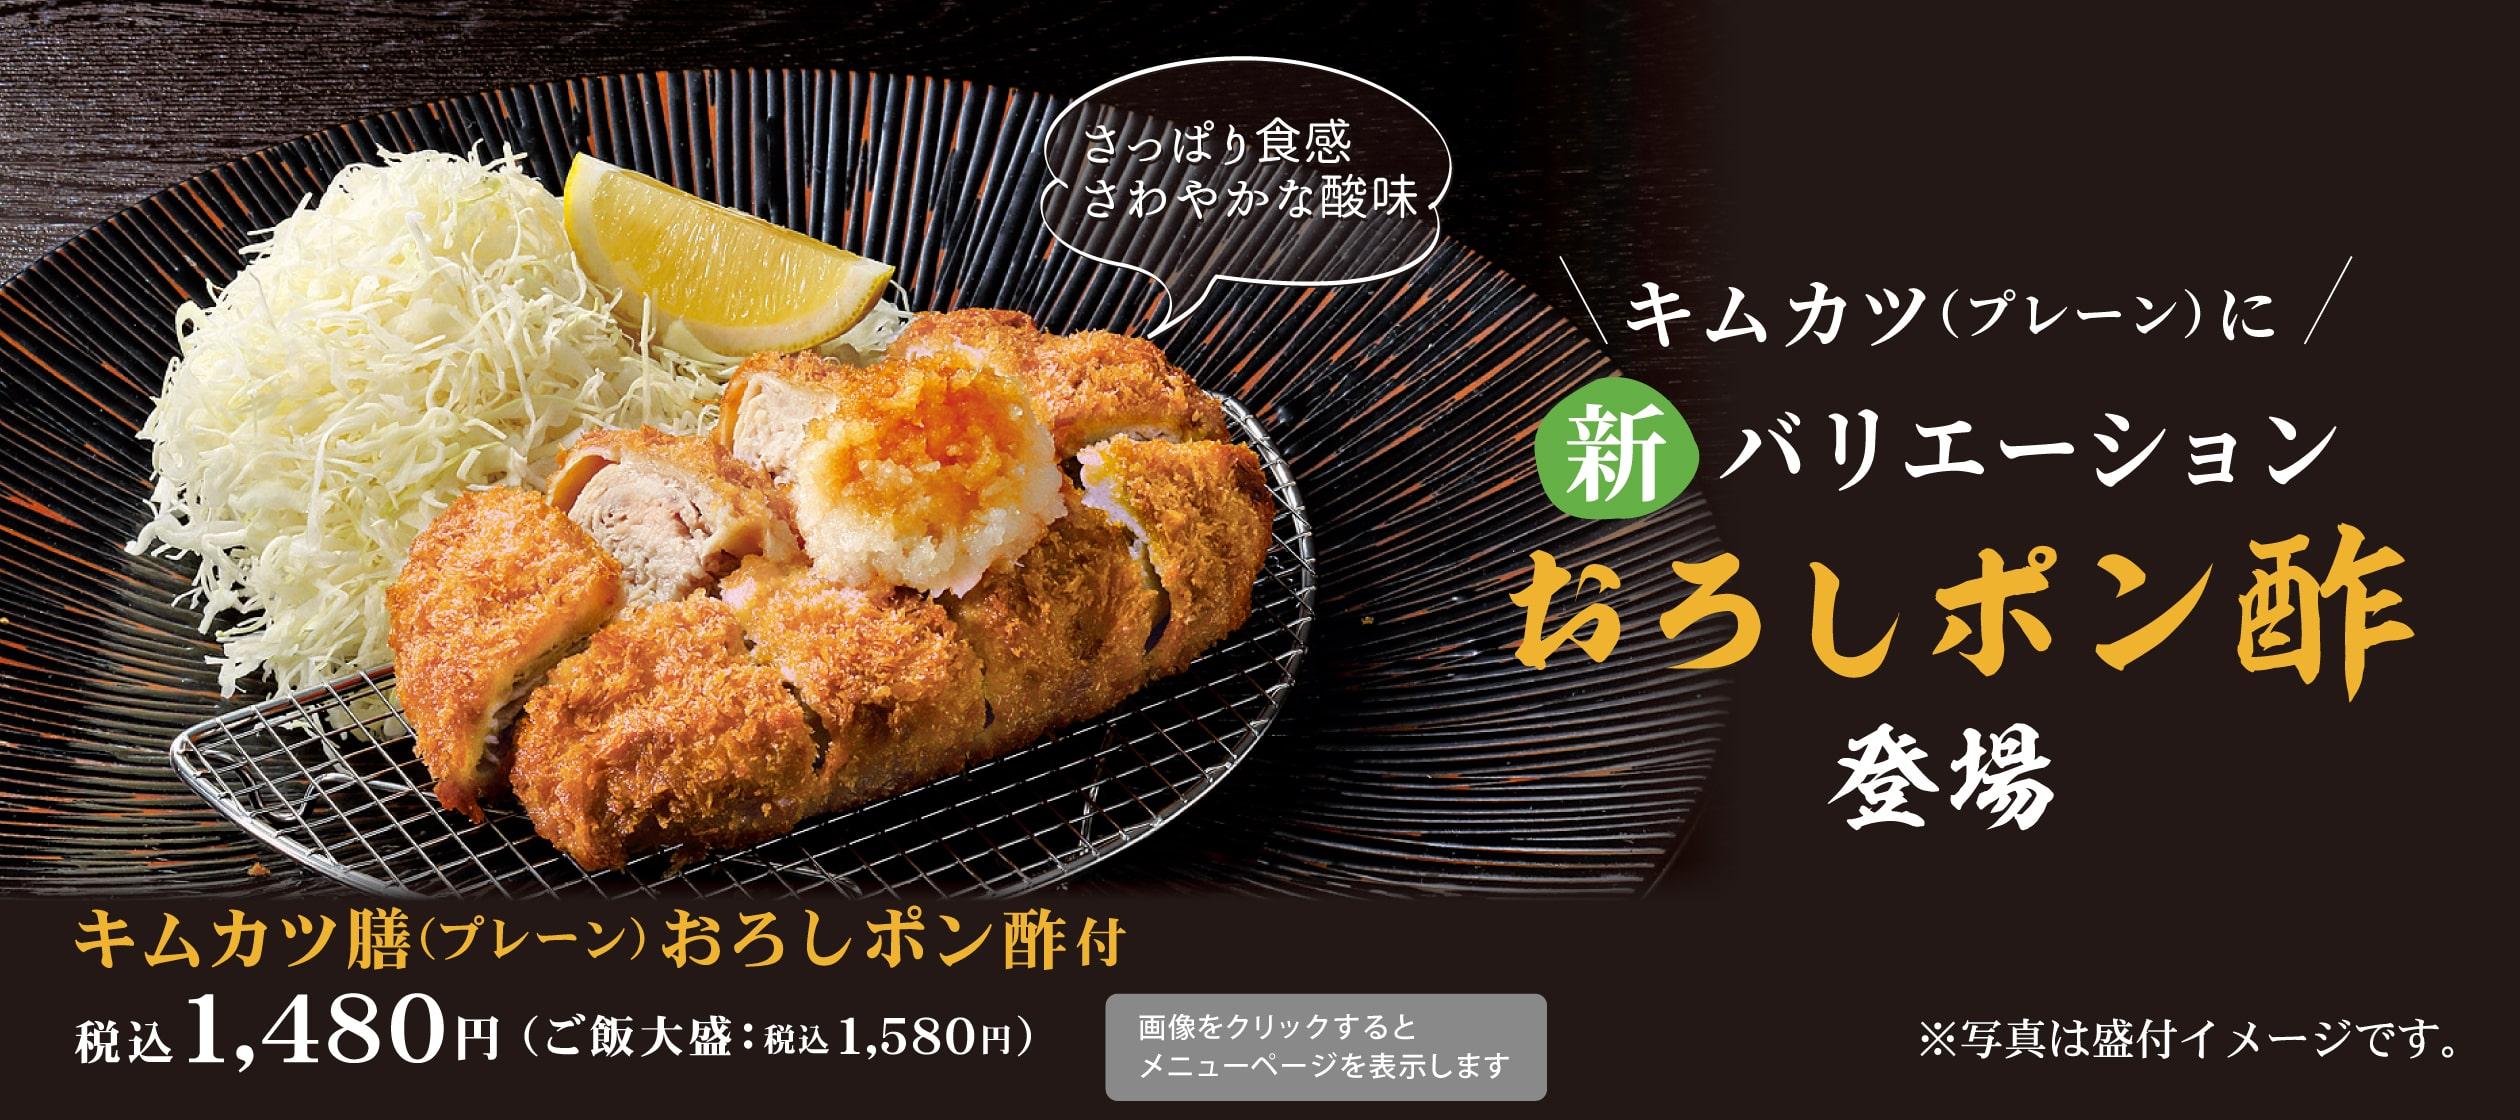 キムカツ膳(プレーン)おろしポン酢付 新登場!